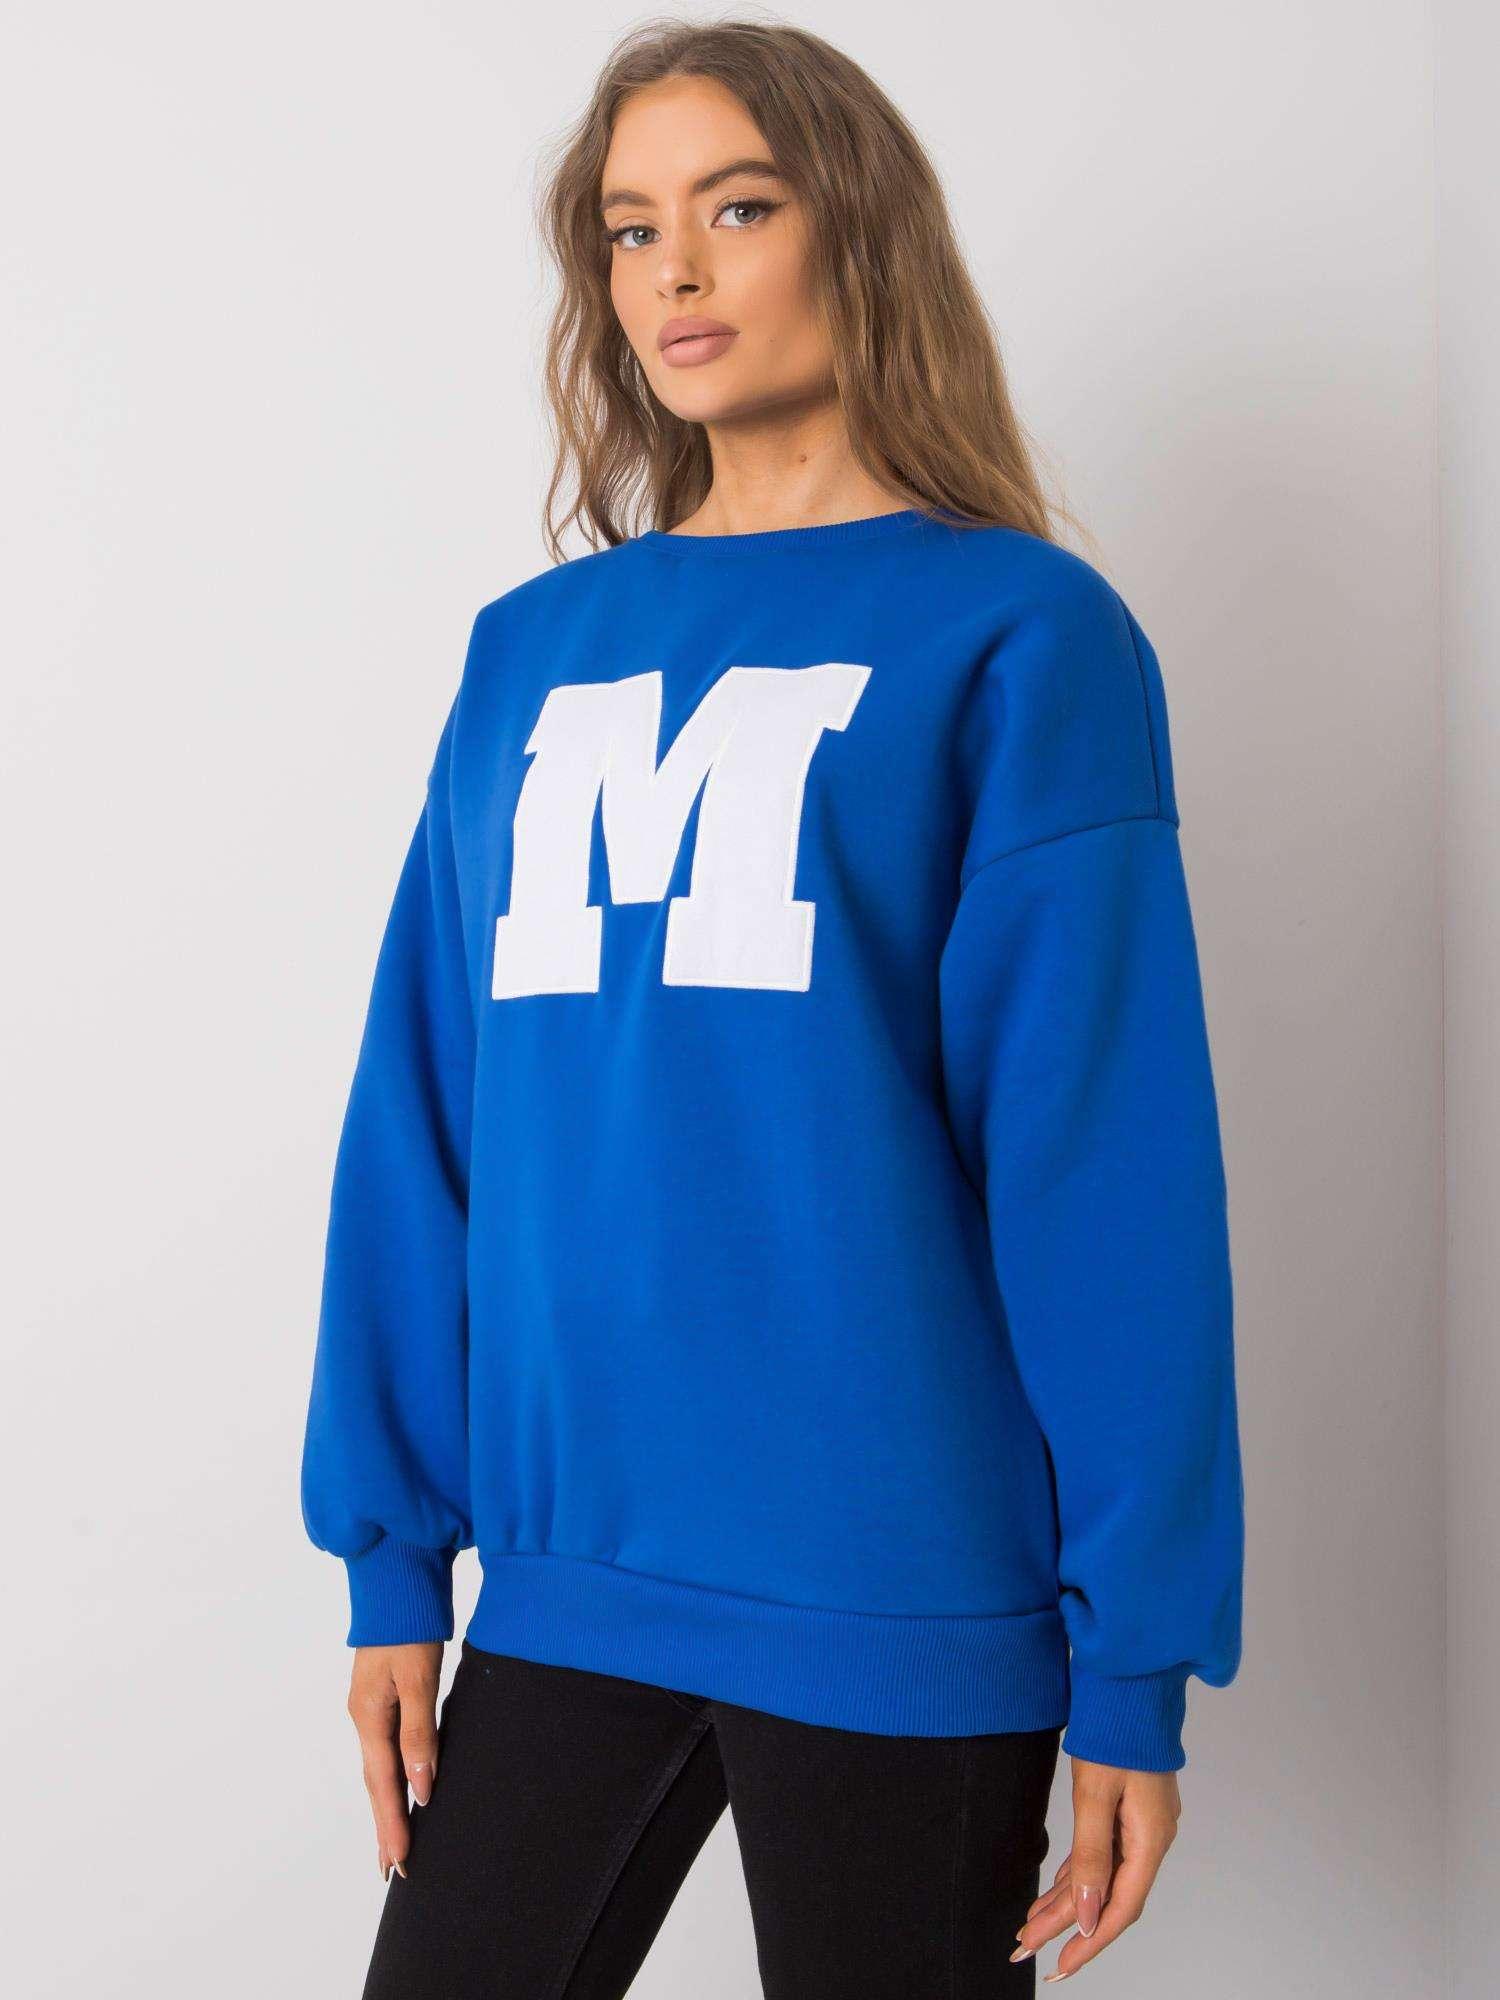 Sweatshirt in Azurblau mit großem Frontpatch Seitenansicht